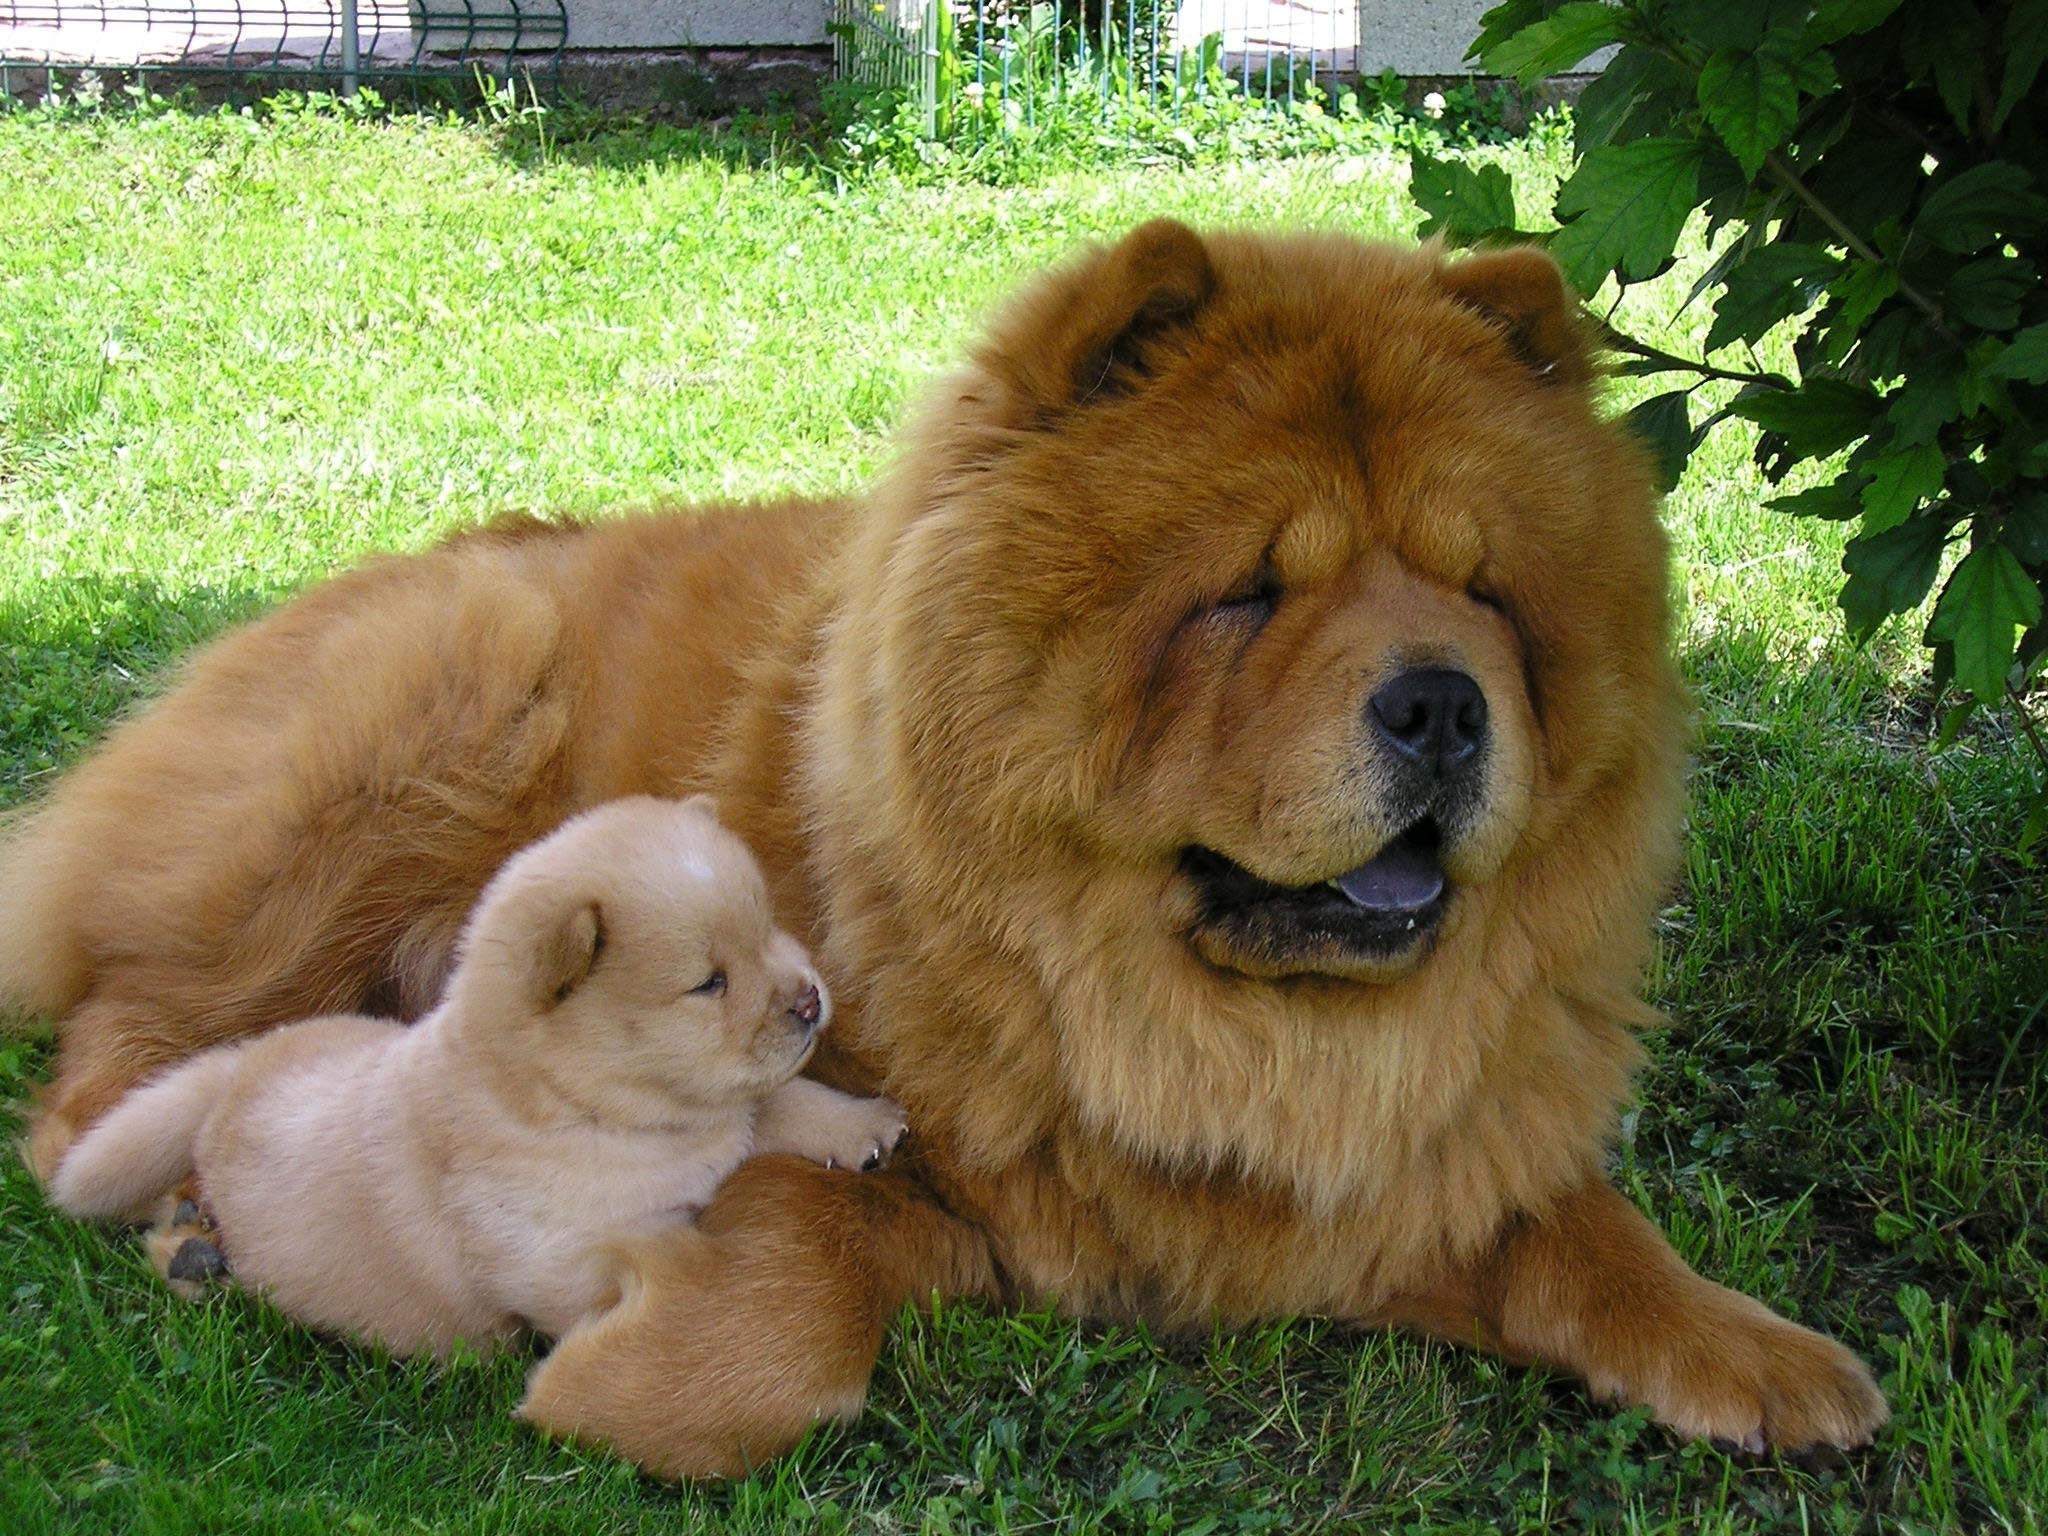 Chó chow chow to và chow bé nằm cạnh nhau trên cỏ